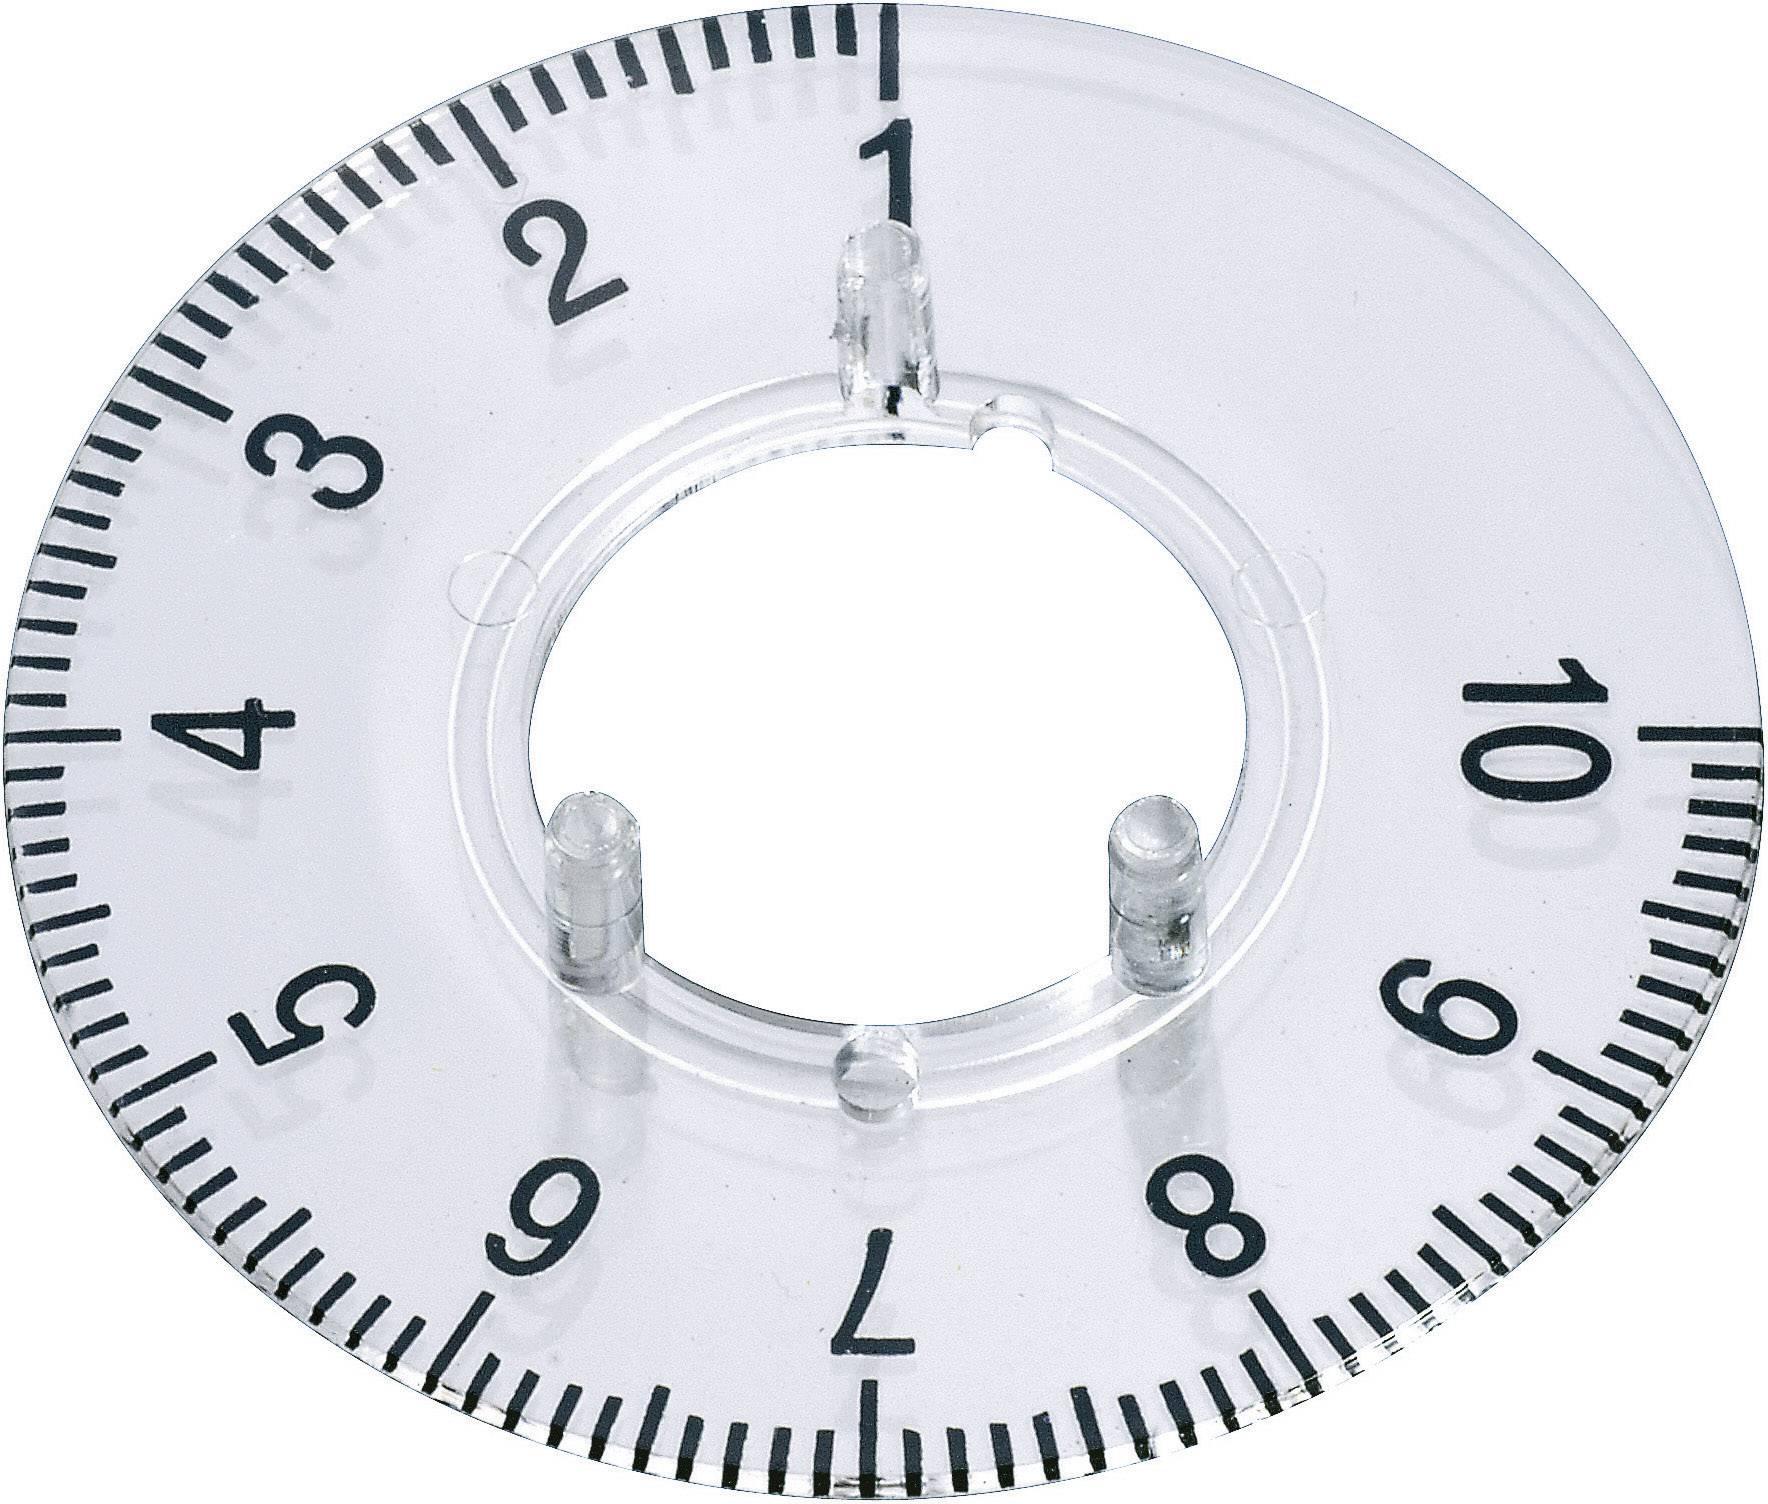 Kruhová stupnice OKW, vhodná pro knoflík Ø 13,5 mm, rozsah 1-10, transparentní